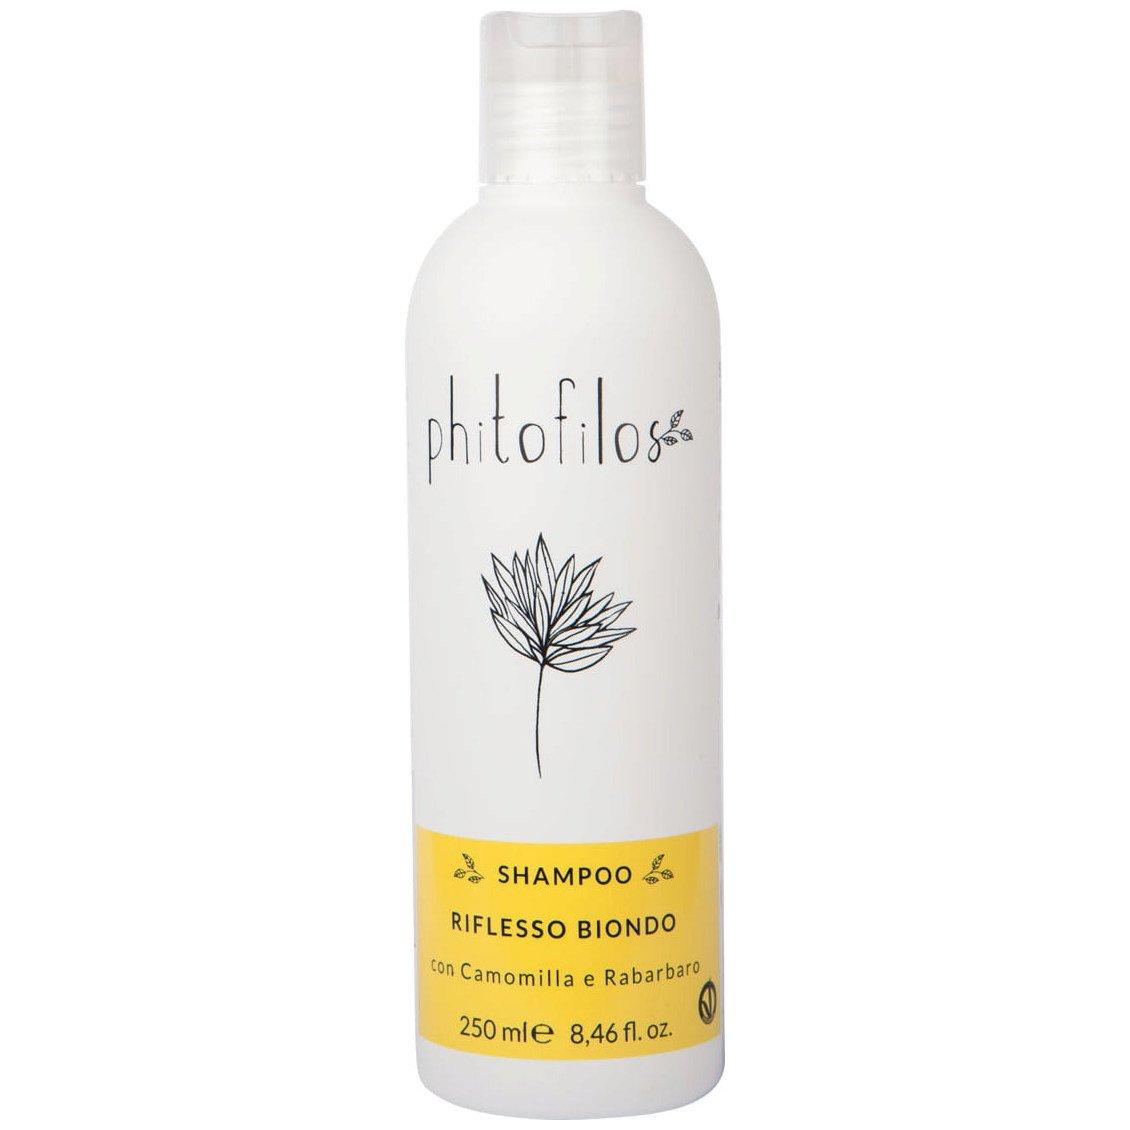 Shampoo Rhubarb and Chamomile Phitofilos